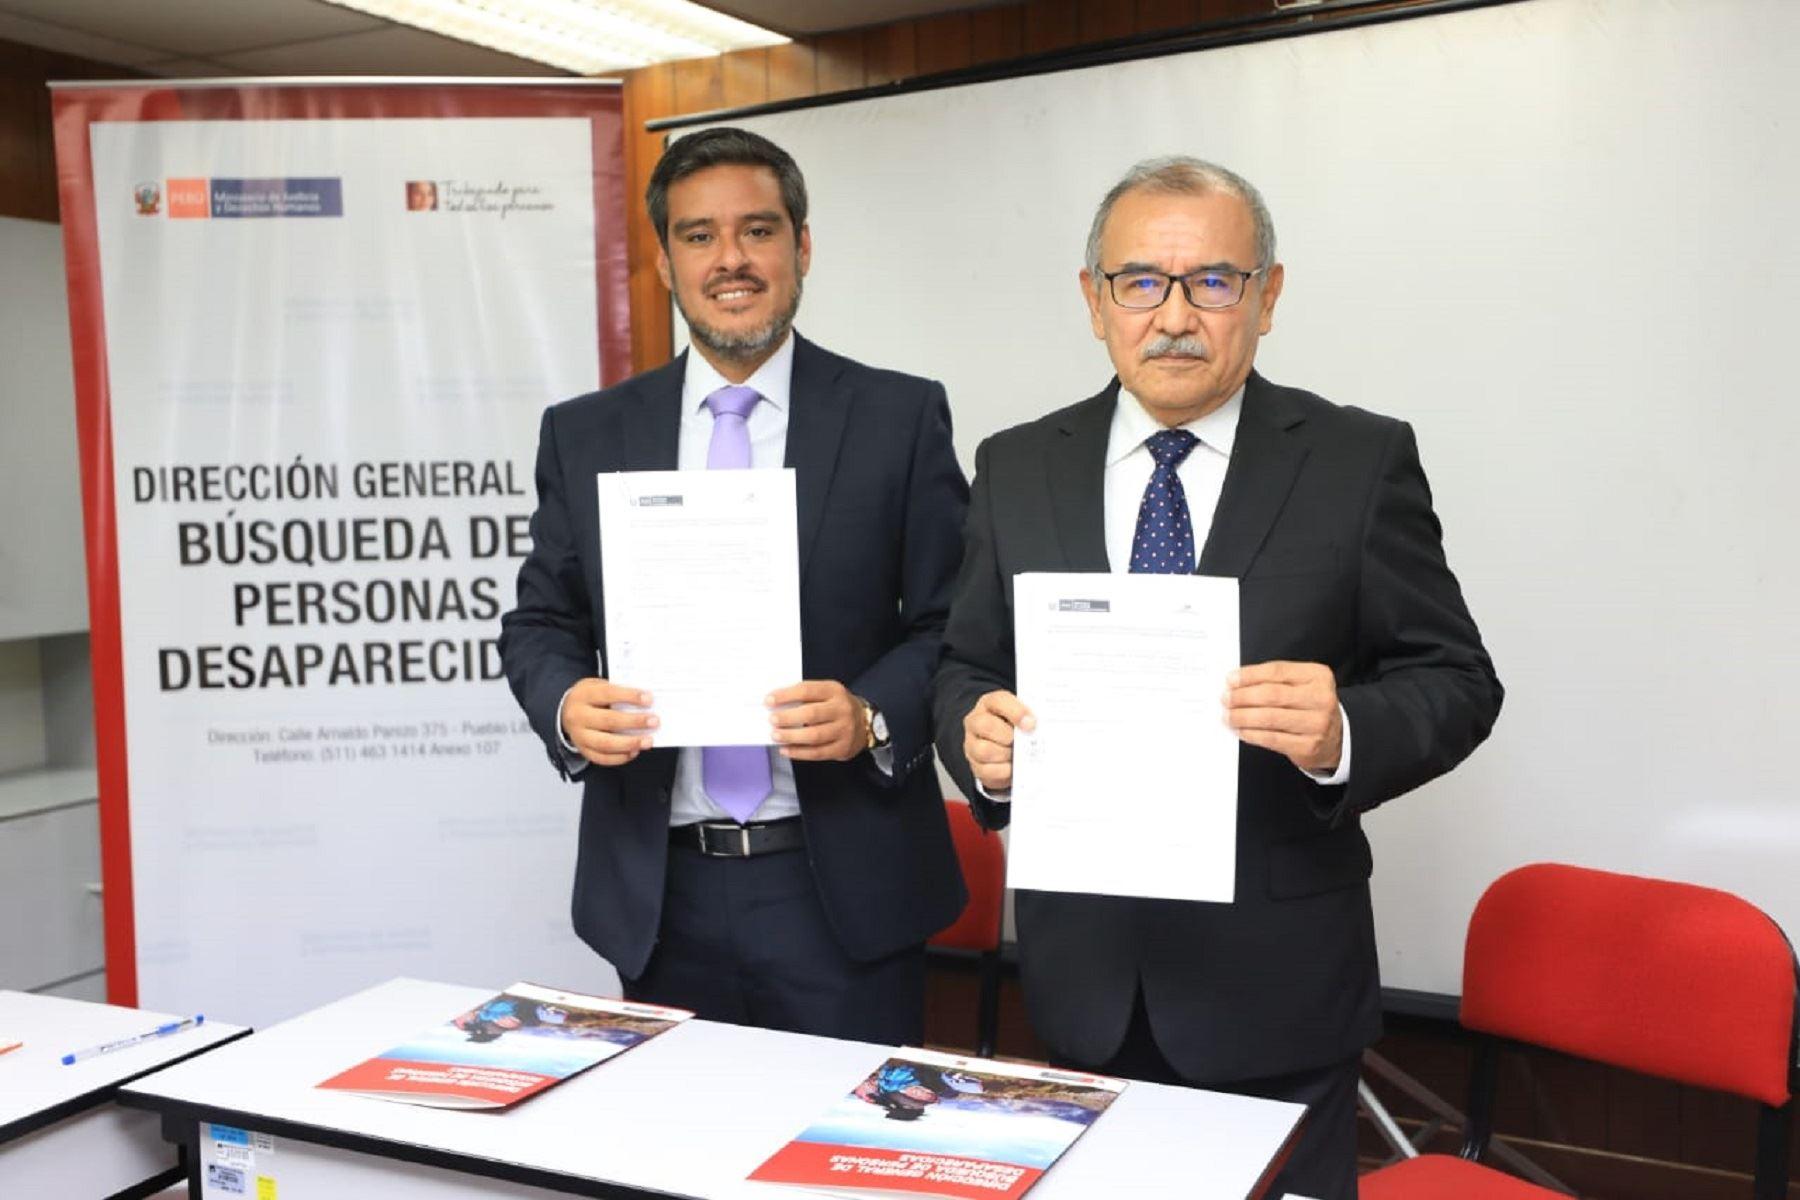 Viceministro de Derechos Humanos y Acceso a la Justicia, Daniel Sánchez; y el presidente de la Comisedh, Pablo Rojas. Foto: Difusión.